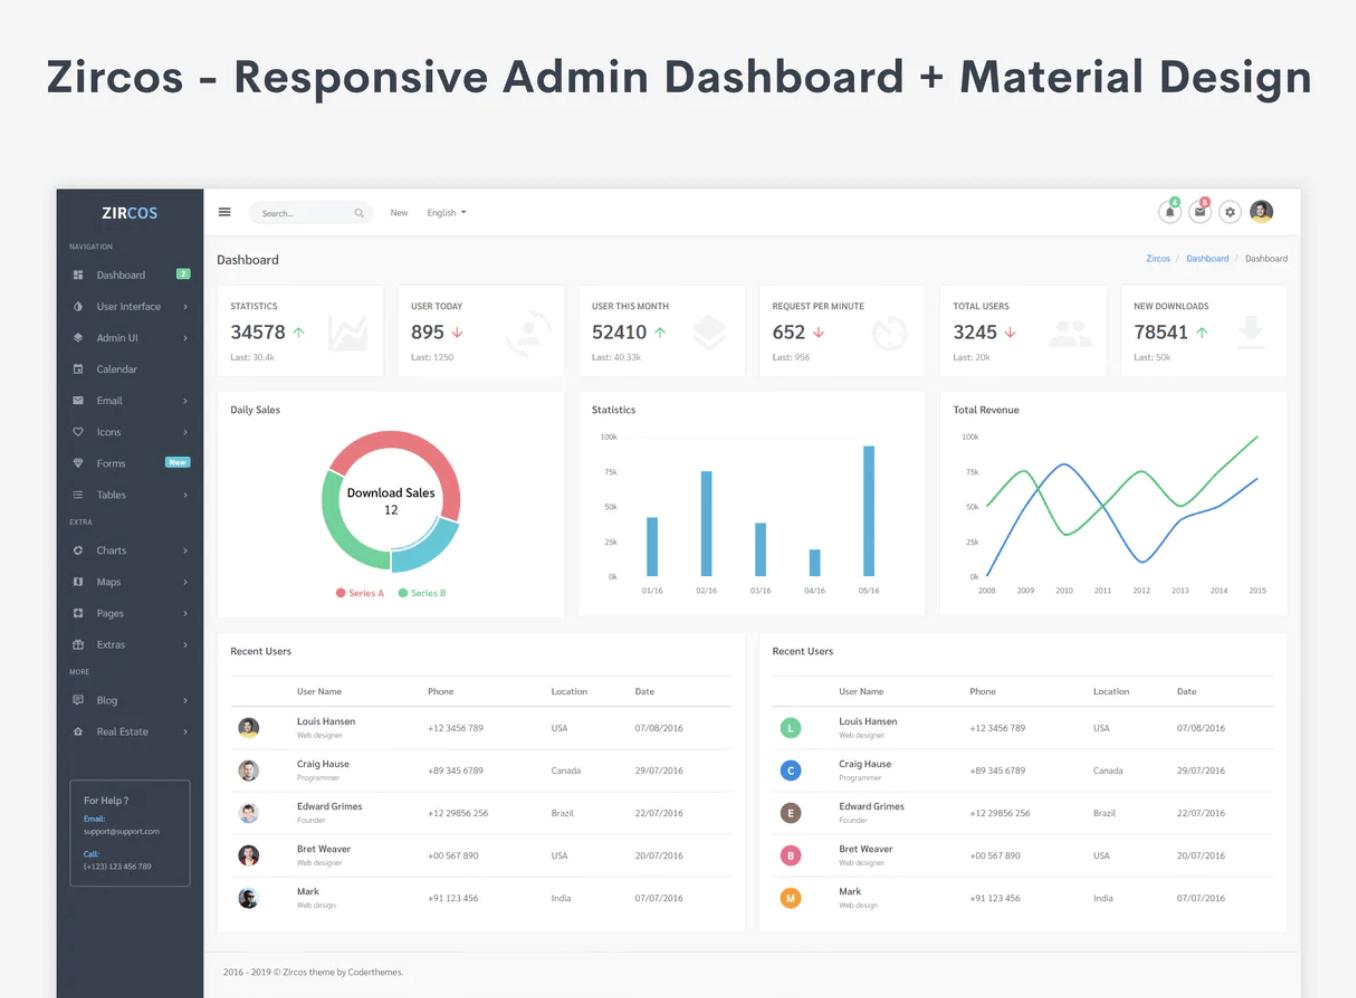 Zircos-管理仪表板+物料设计